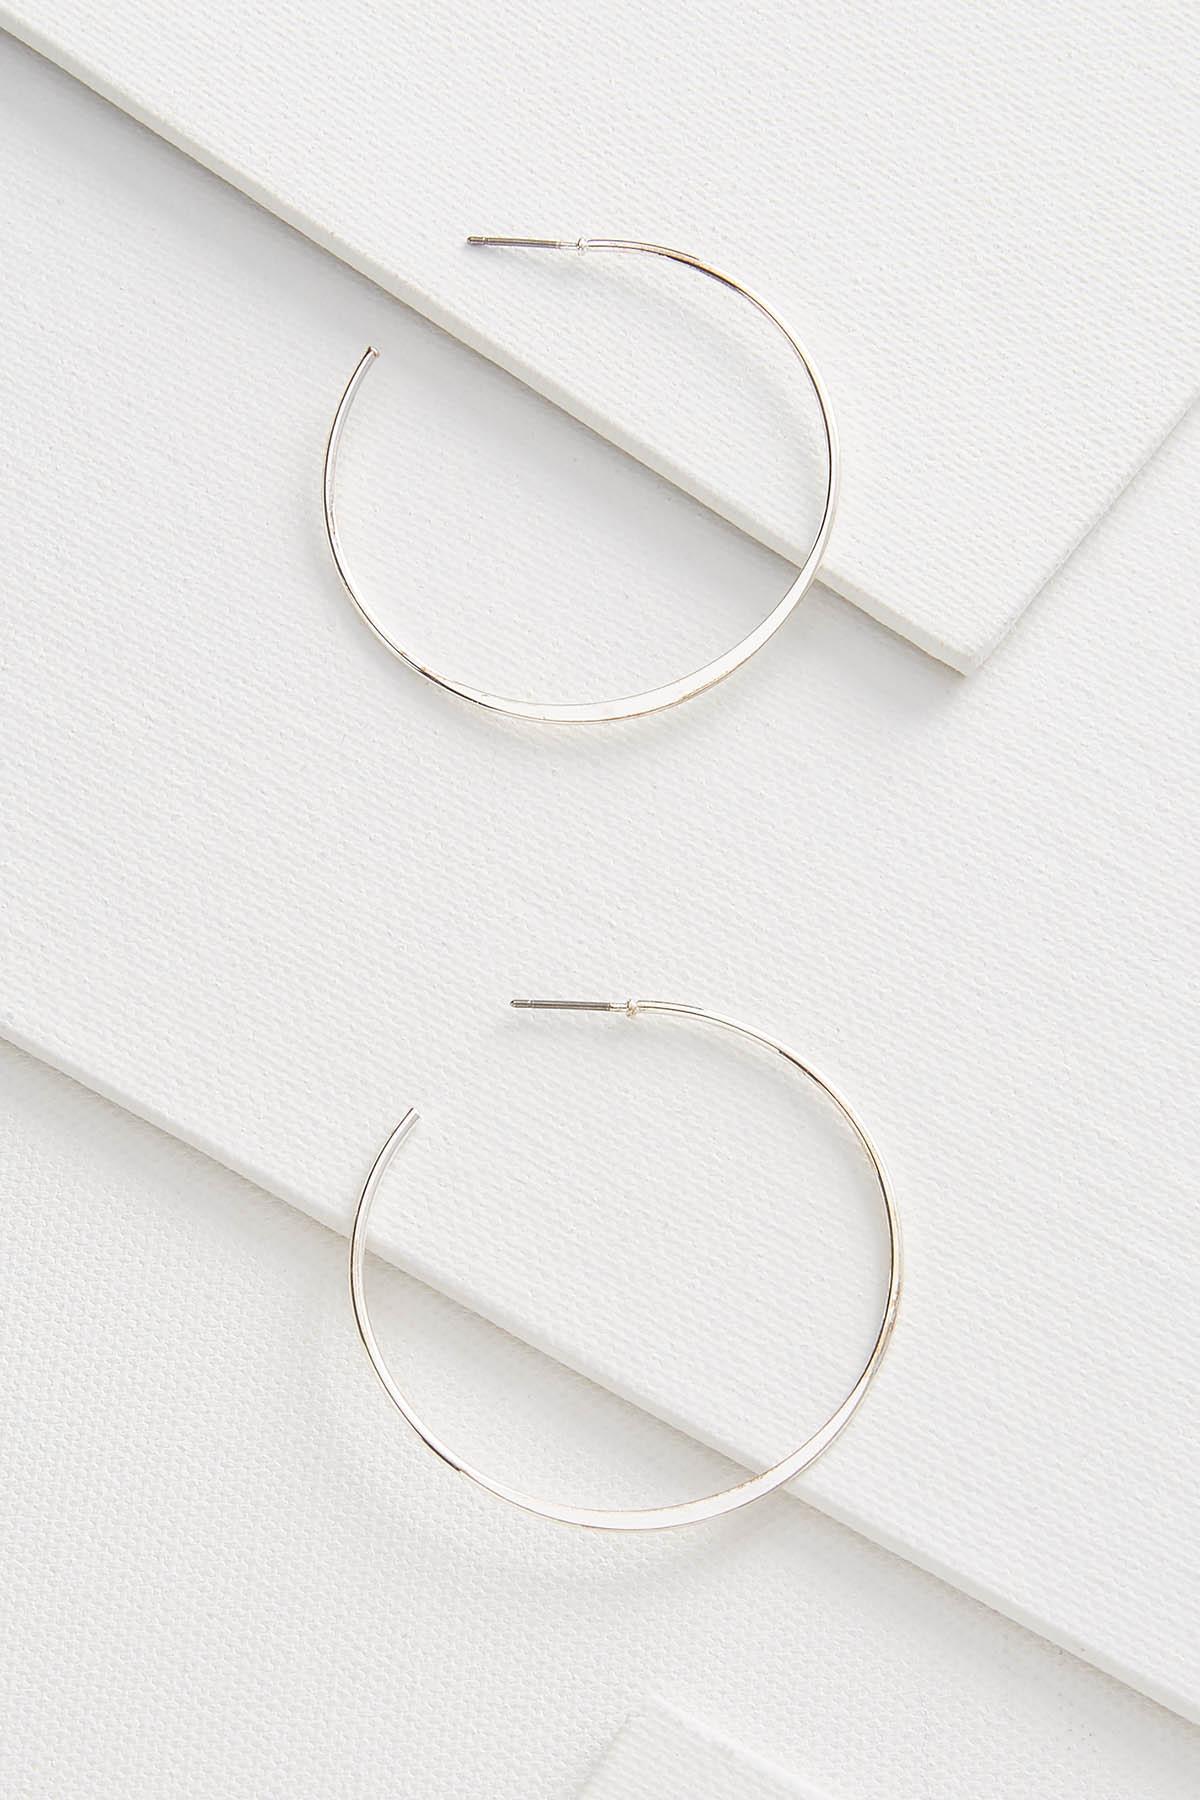 Thin Metal Earrings